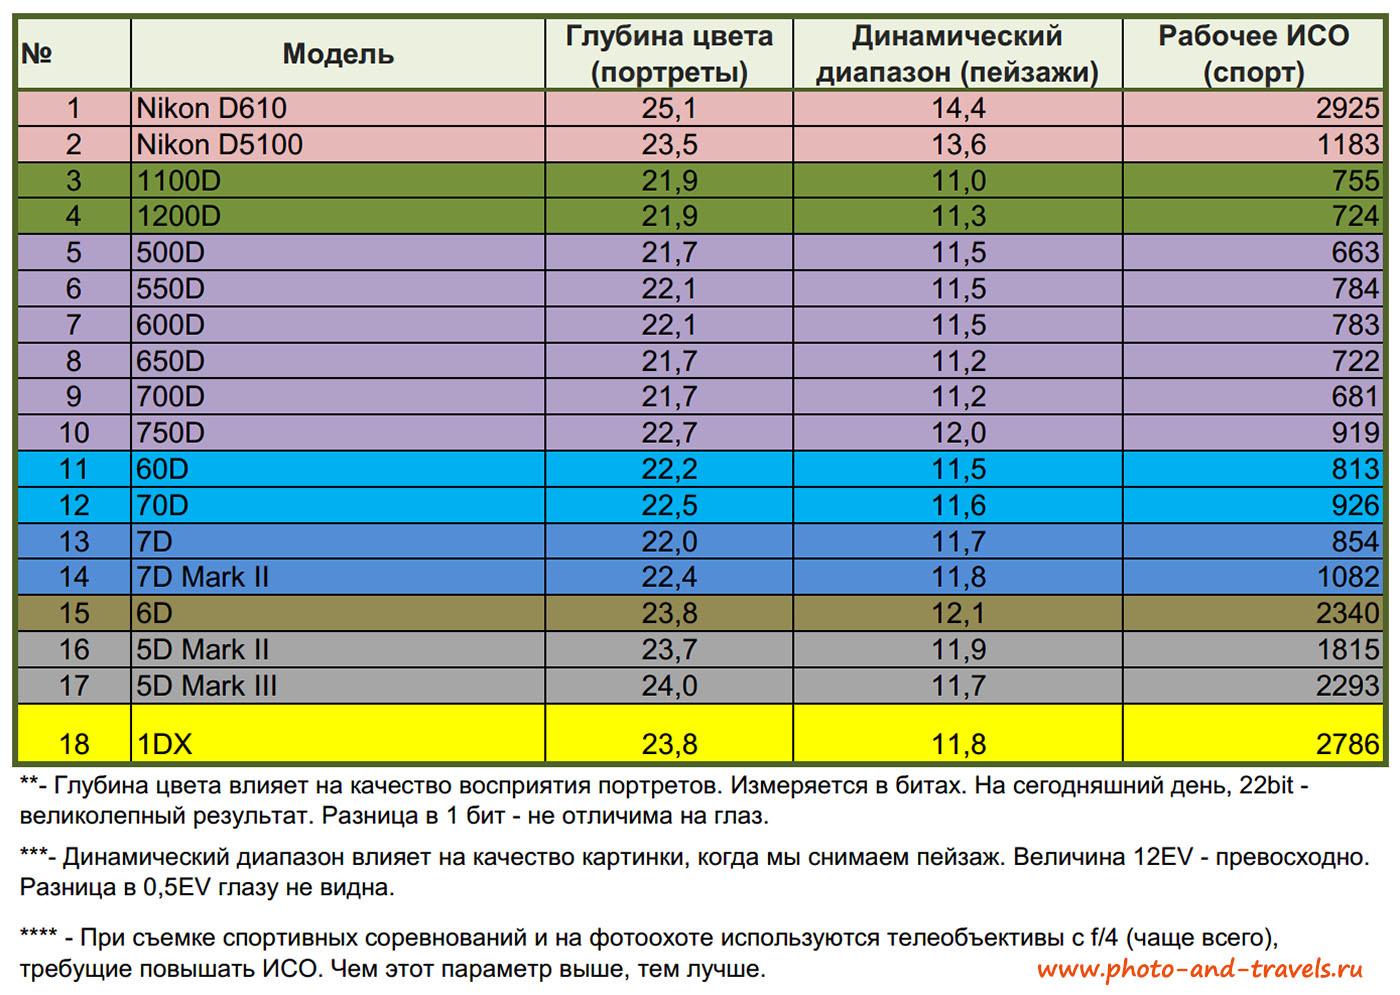 Рисунок 17. Цифровые фотоаппараты Canon EOS. Таблица различия параметров матрицы у разных моделей. Сравнение Кэнон 600Д и других зеркалок.